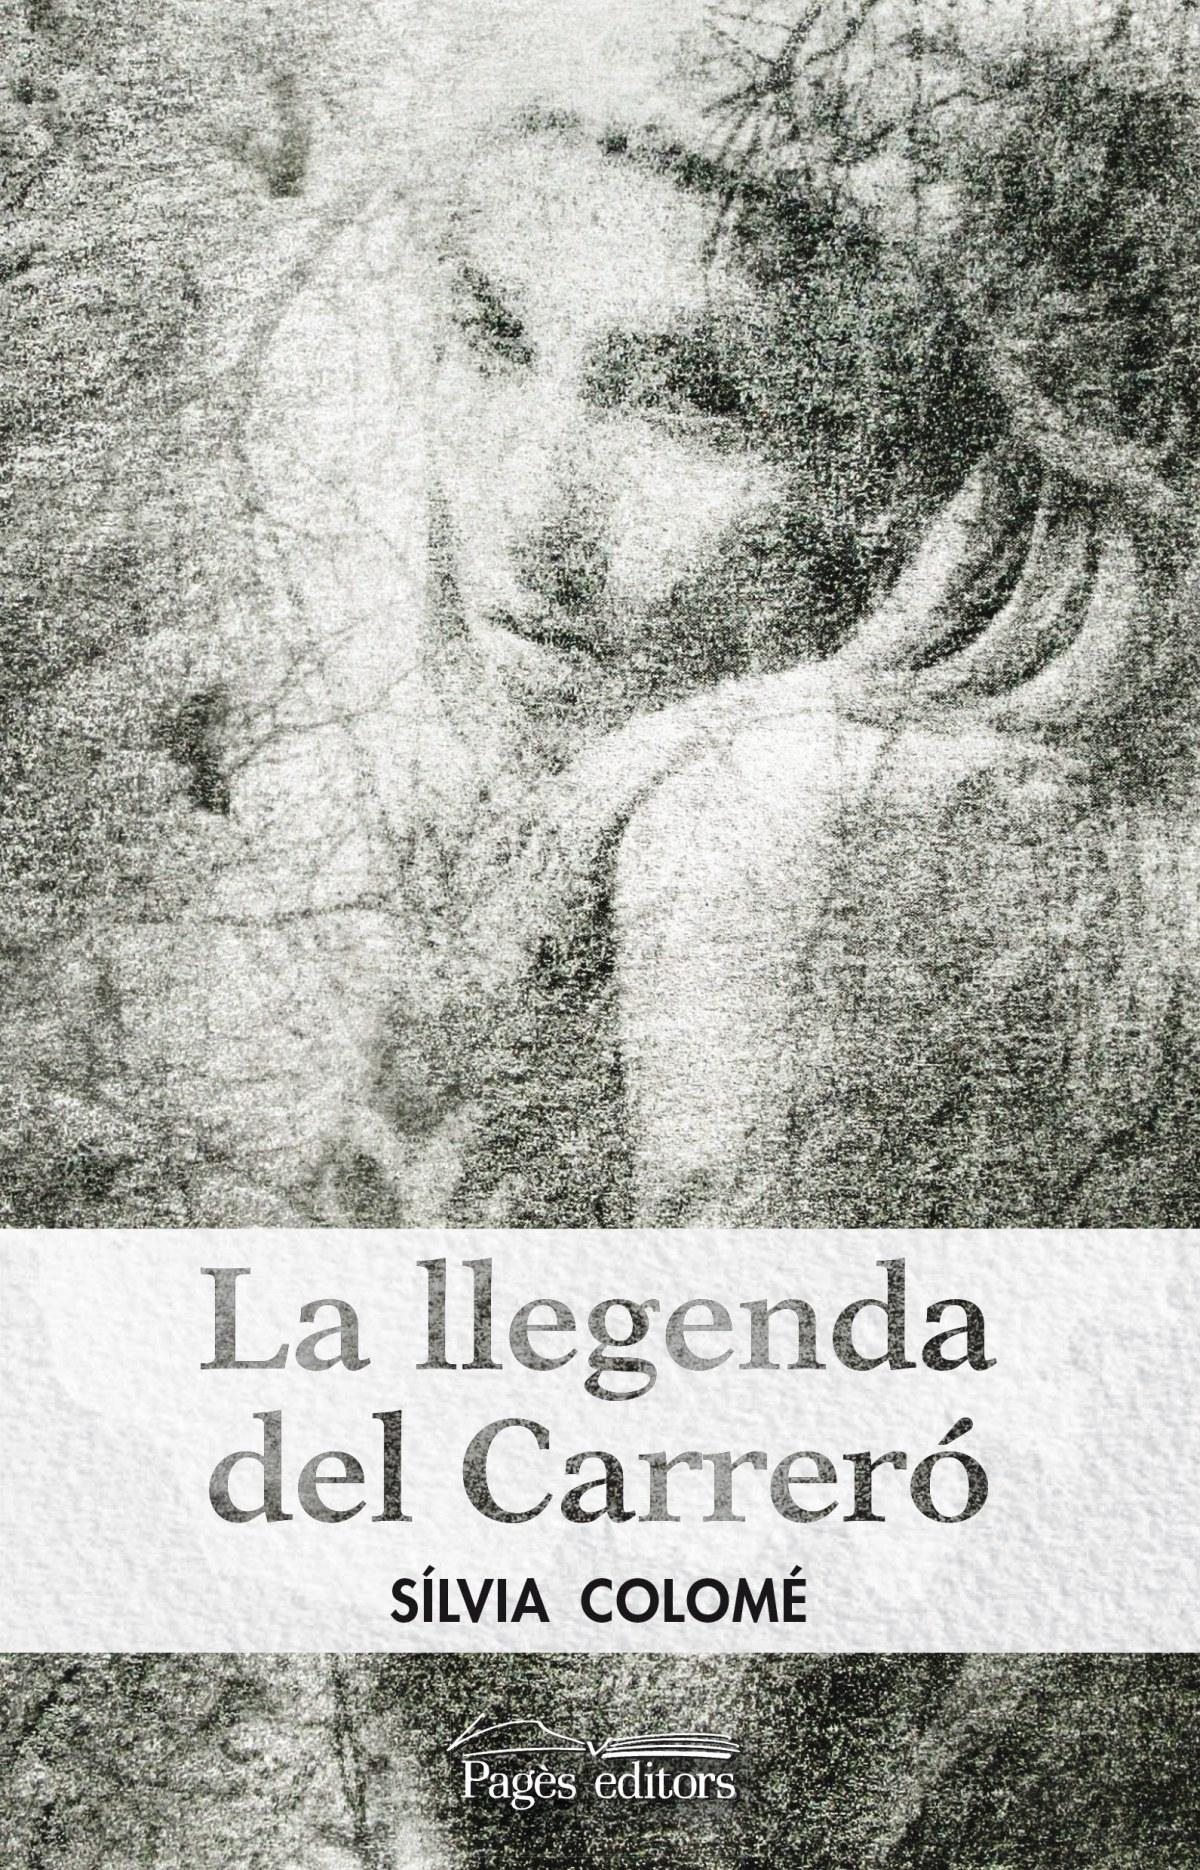 LA LLENGENDA DEL CARRERÓ 9788499759487